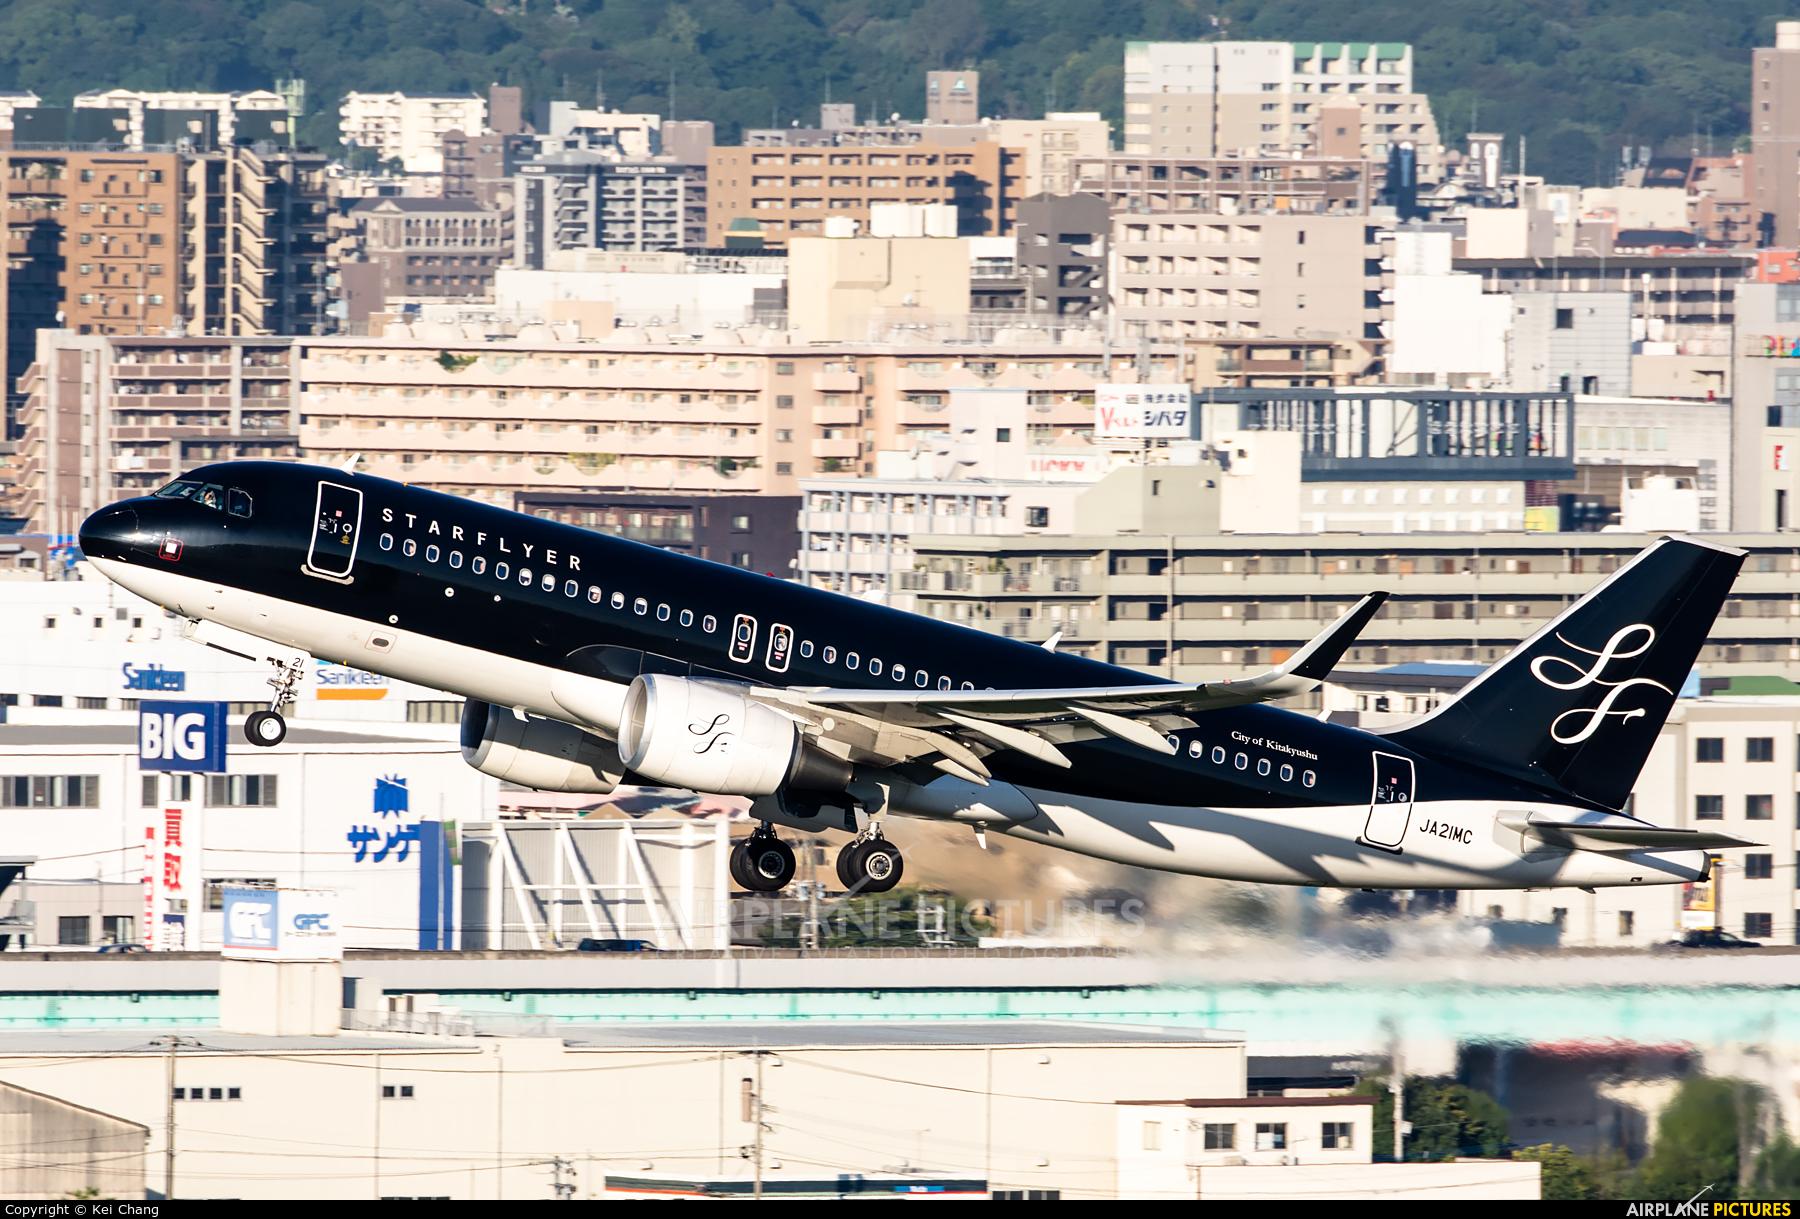 Starflyer JA21MC aircraft at Fukuoka